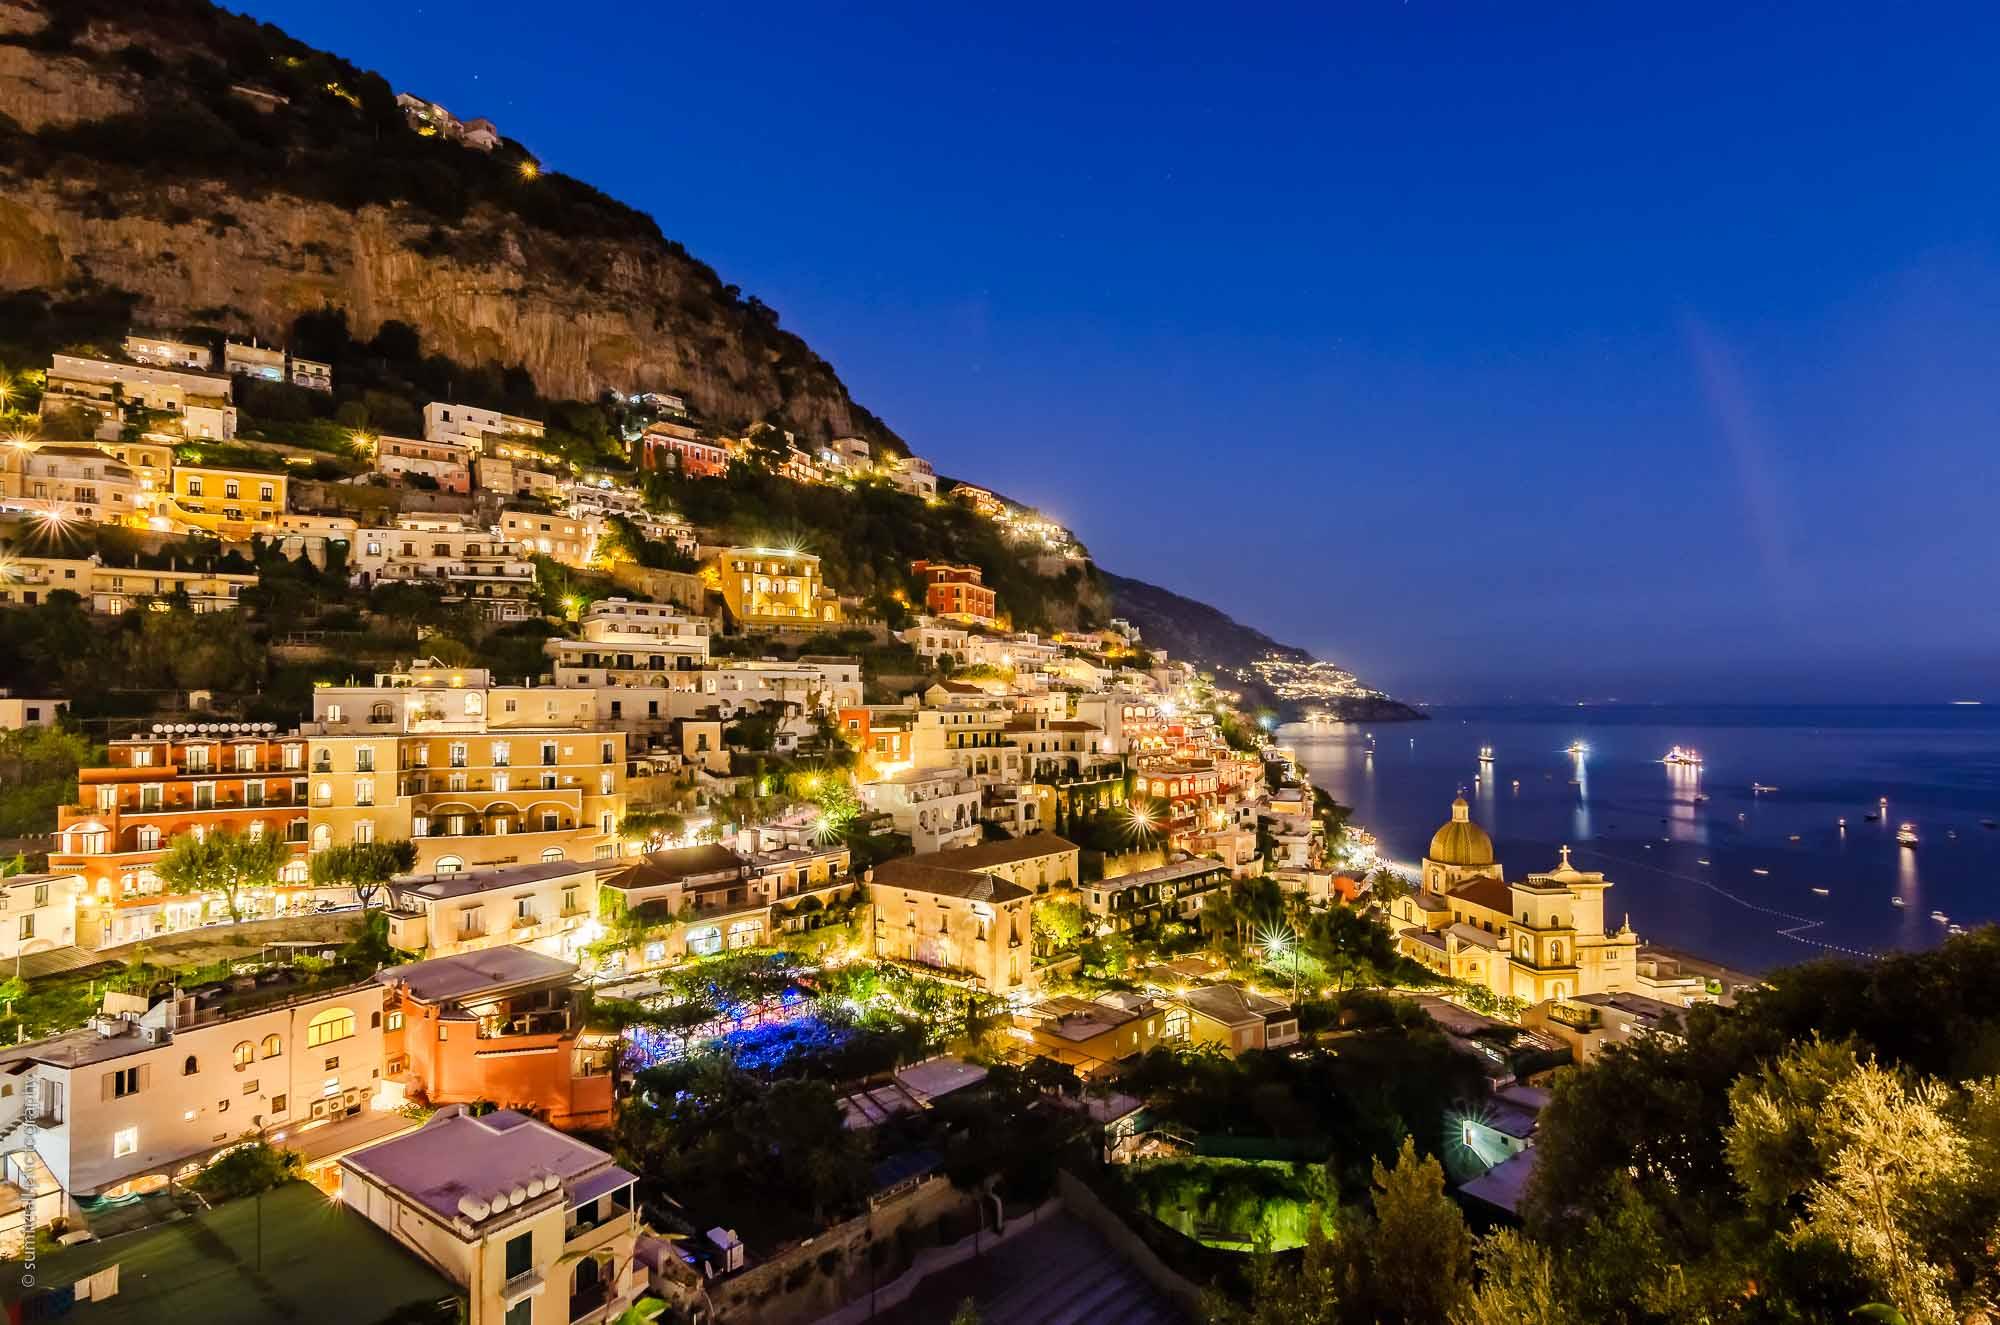 Sunset in Positano, Italy on the Amalfi Coast